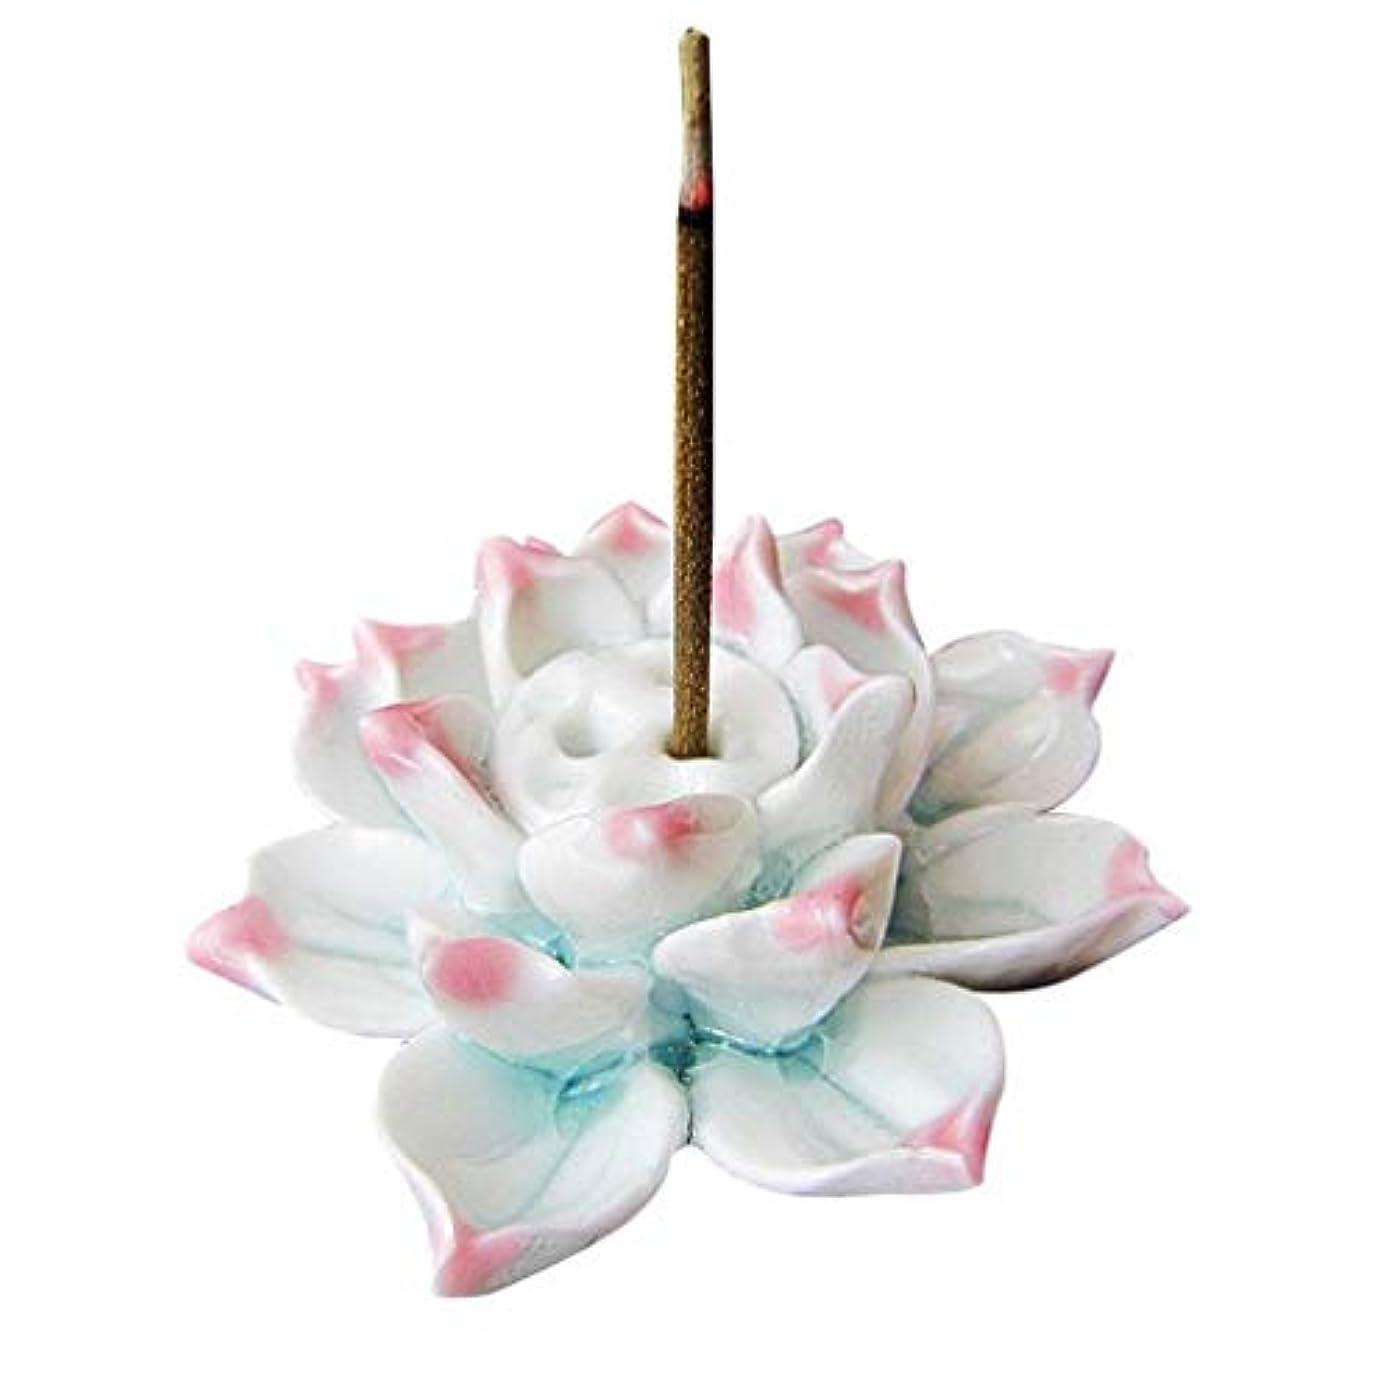 子豚神経障害ファンド手作りお香バーナーロータス磁器お香スティックホルダー灰キャッチャートレイプレートホーム仏教寺院の装飾香ホルダー (Color : Pink, サイズ : 2.36*1.37inches)